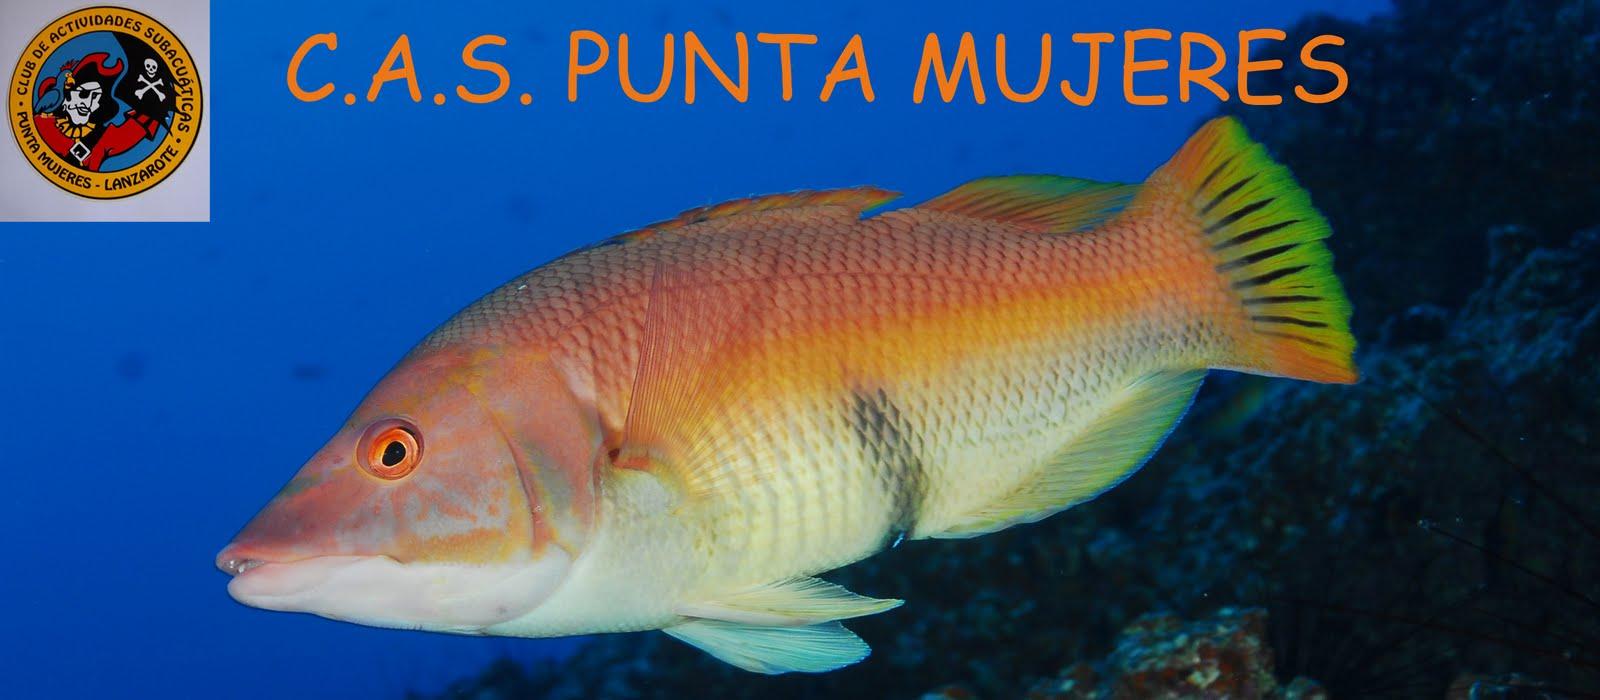 C.A.S. PUNTA MUJERES